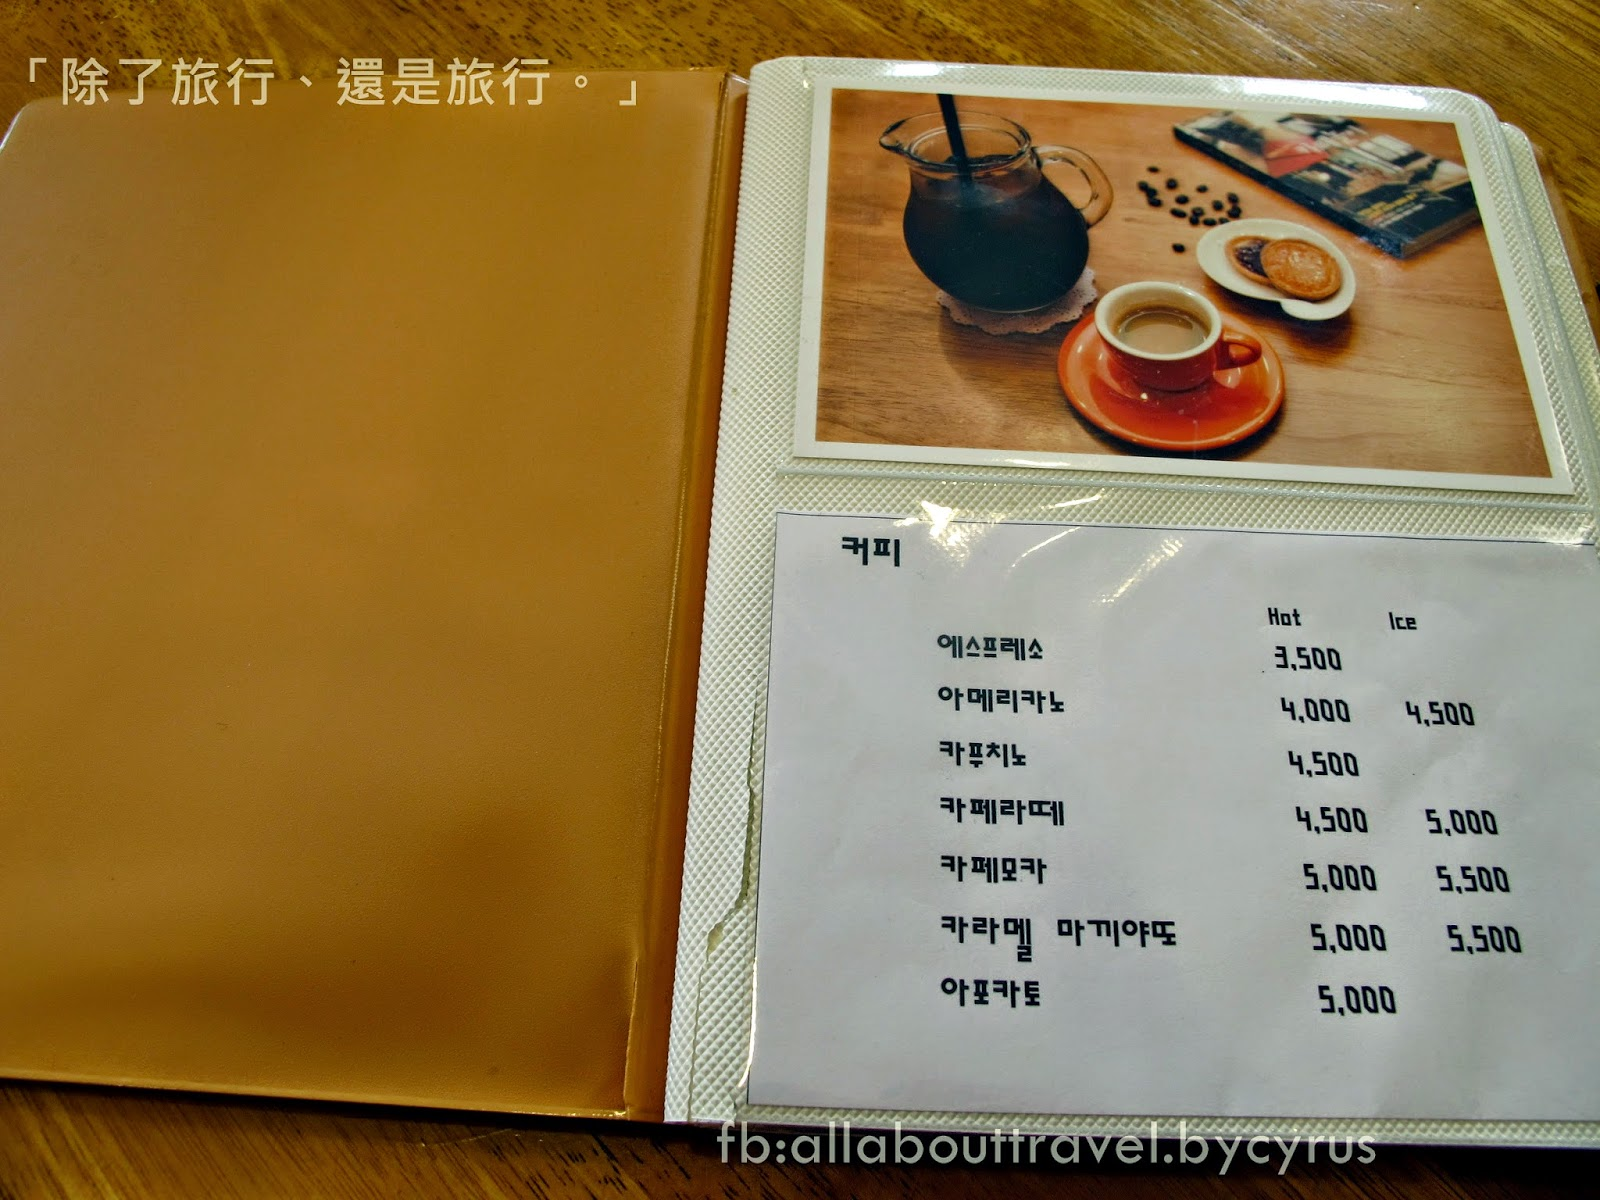 韓國自由行夢想之旅23